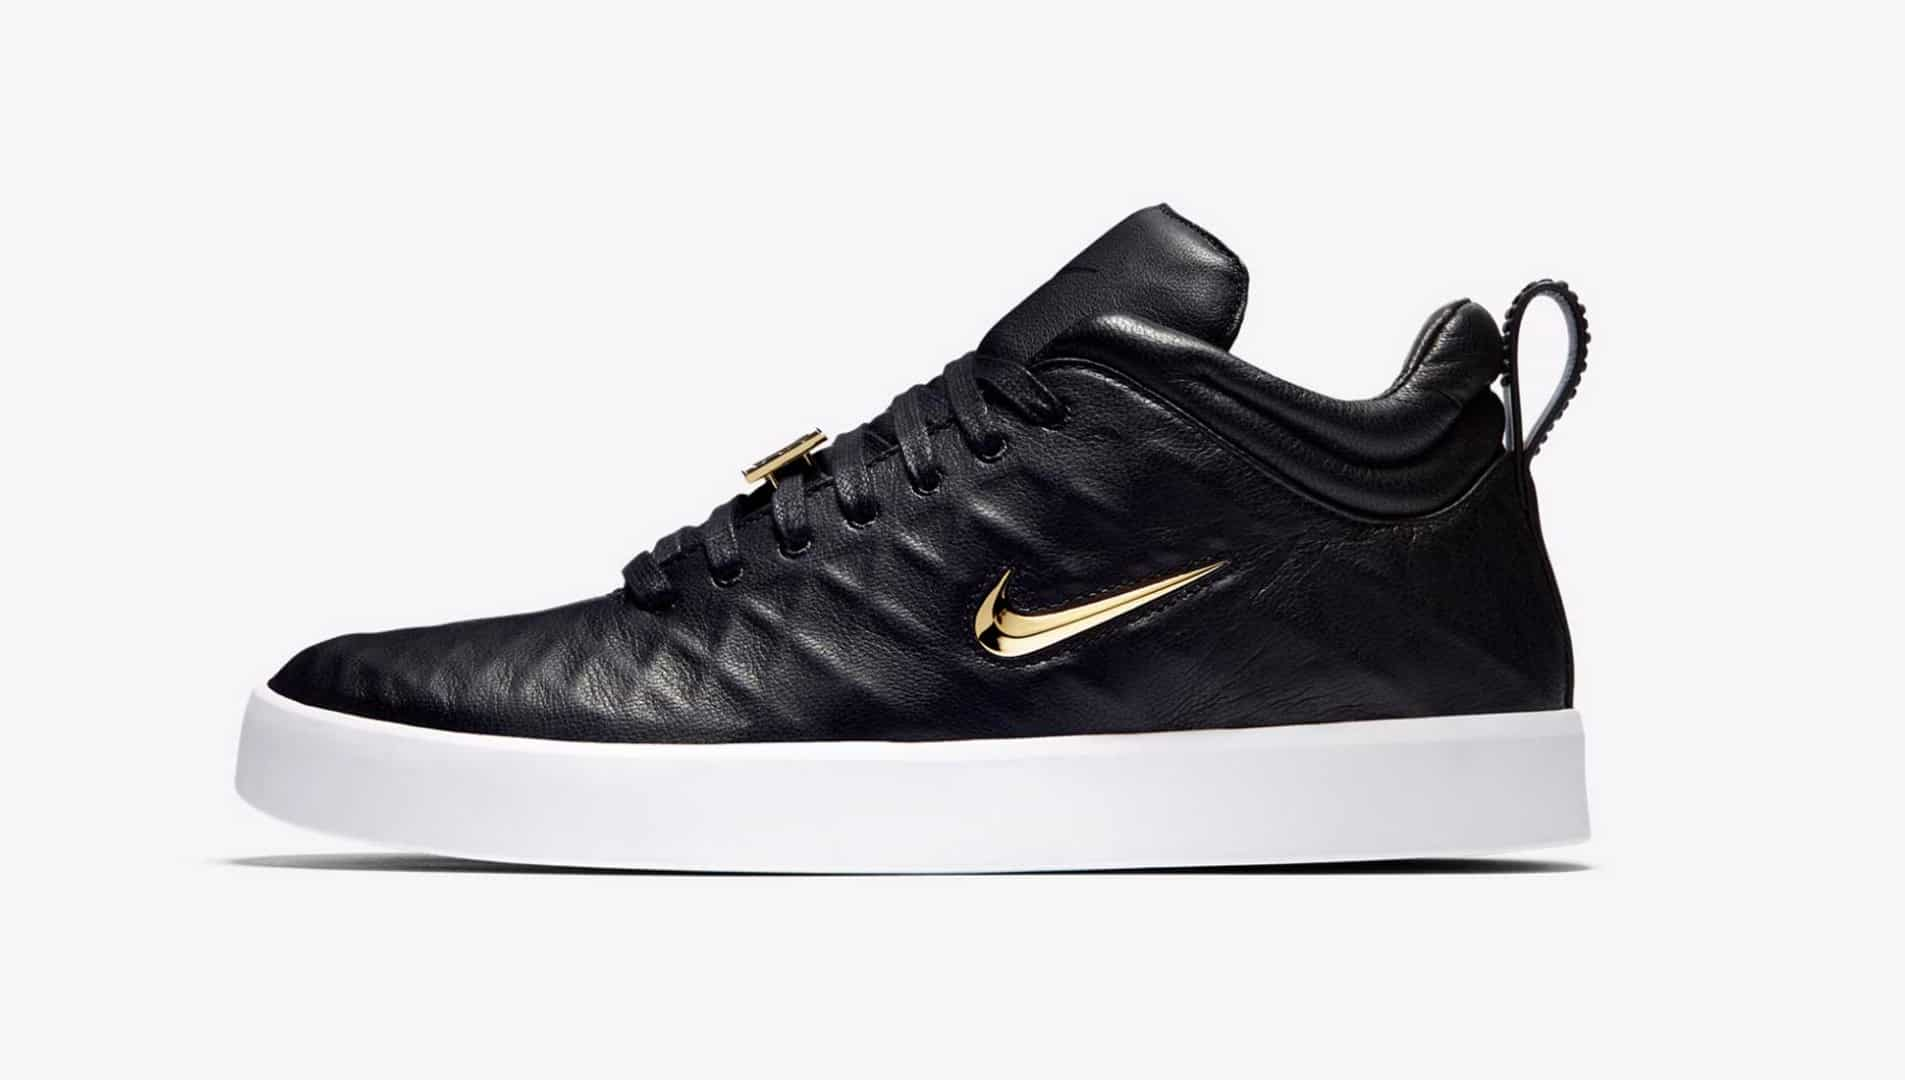 chaussures-sportstyle-nike-tiempo-vetta-17-img1